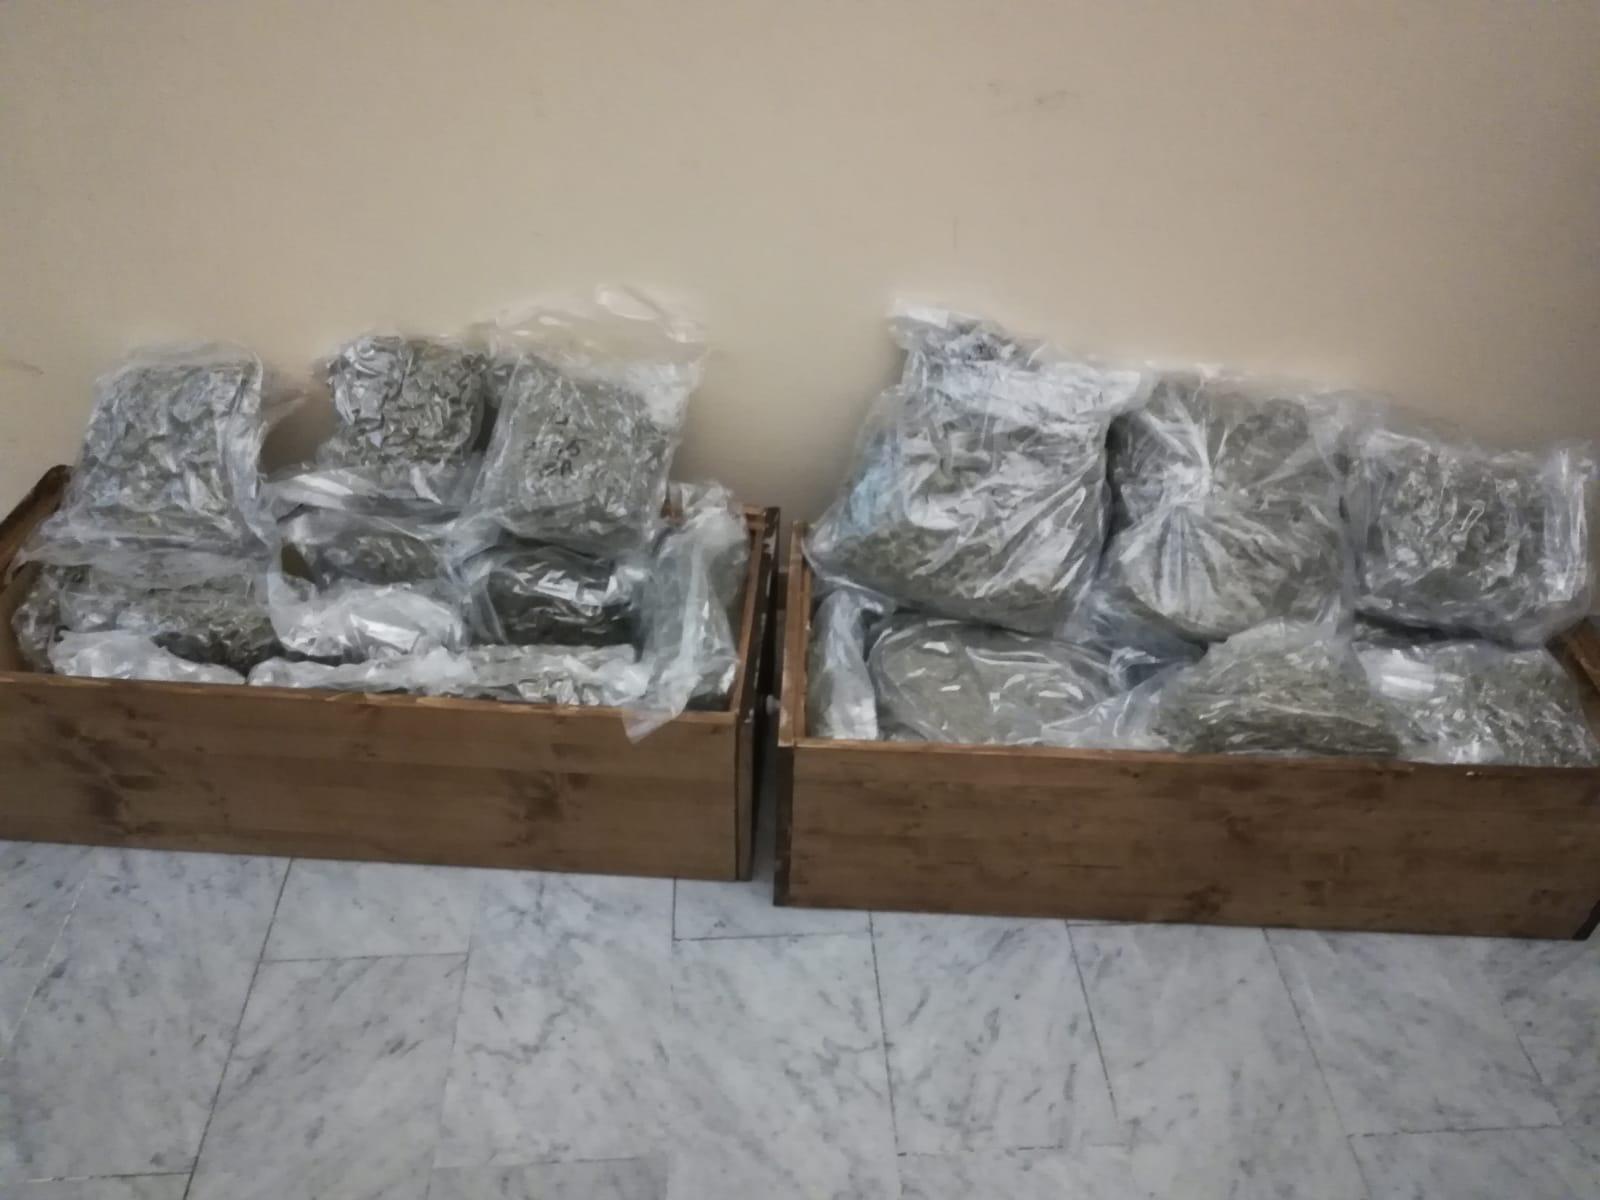 Un civitavecchiese tra i destinatari dei 23 chili di marijuana